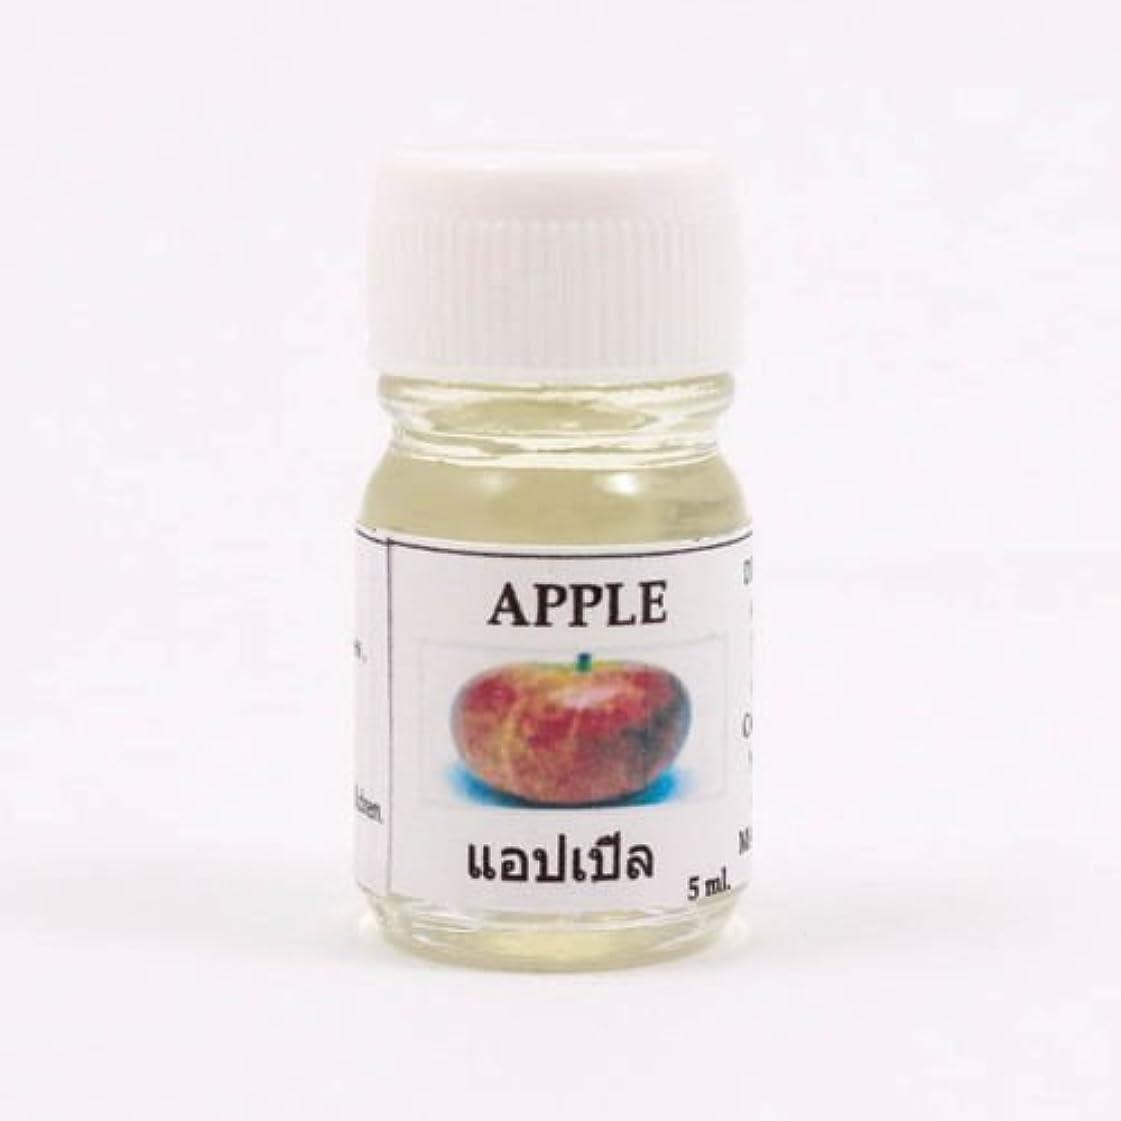 発表する持つ壊す6X Apple Aroma Fragrance Essential Oil 5ML cc Diffuser Burner Therapy